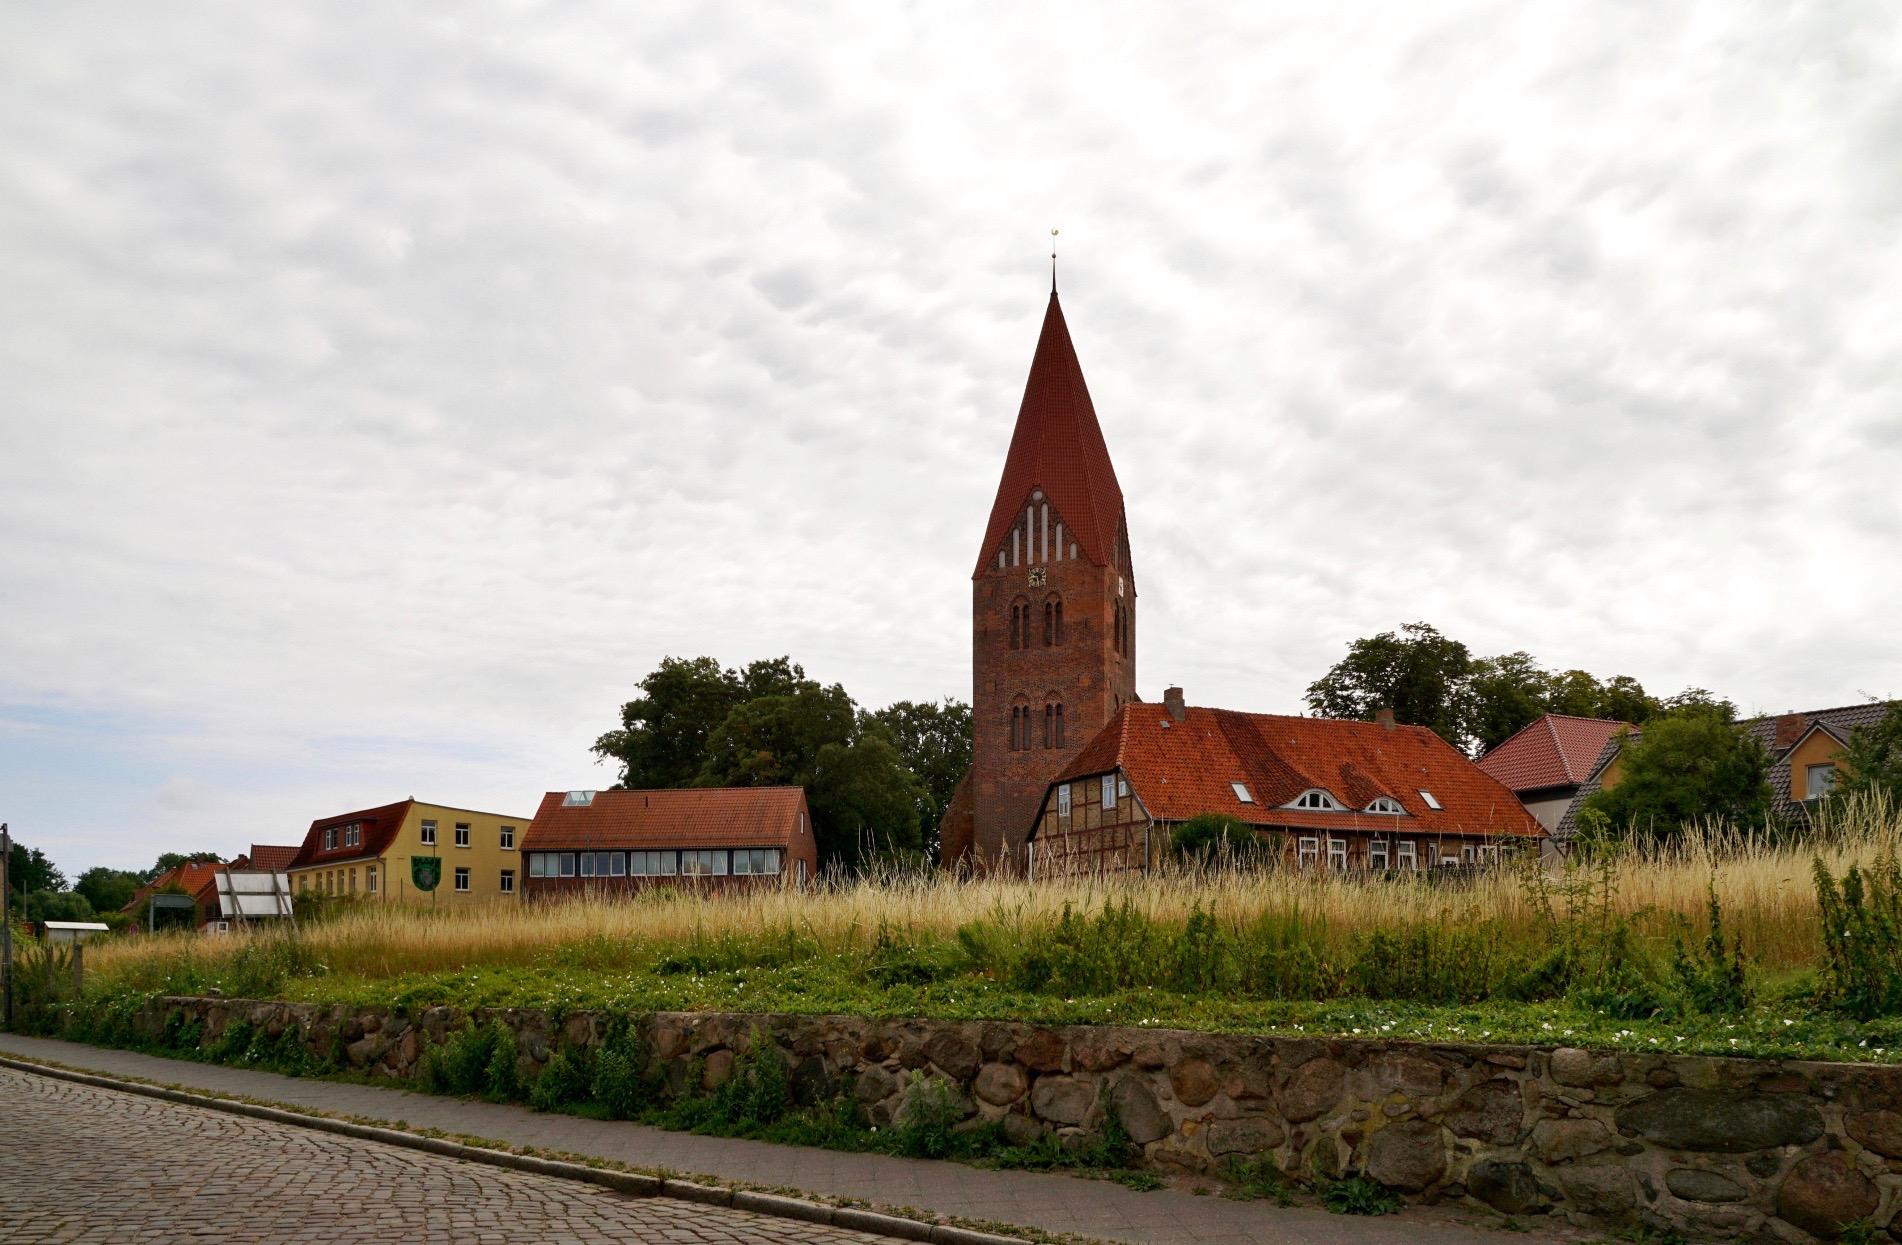 Blick auf die St. Marien-Kirche von der Schloßstraße aus